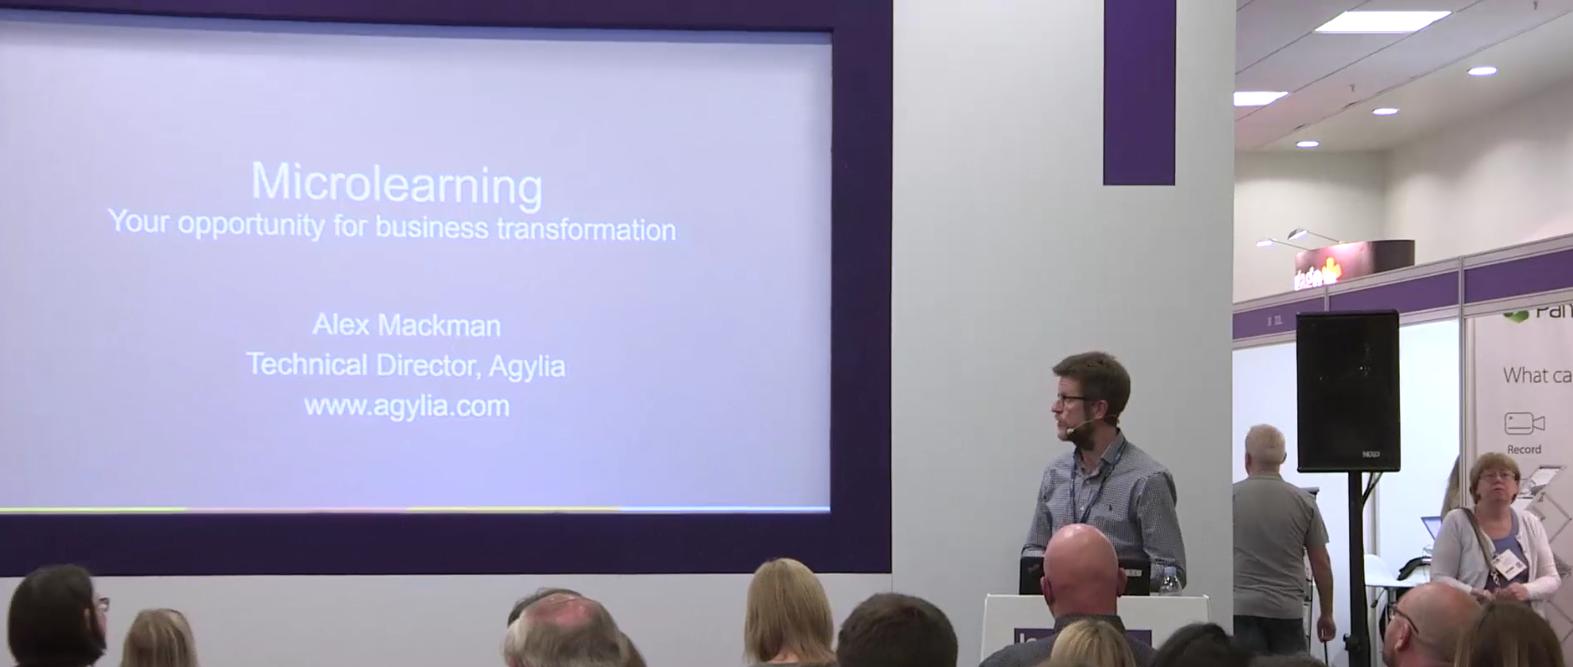 Mikrolæring kan transformere af din virksomhed